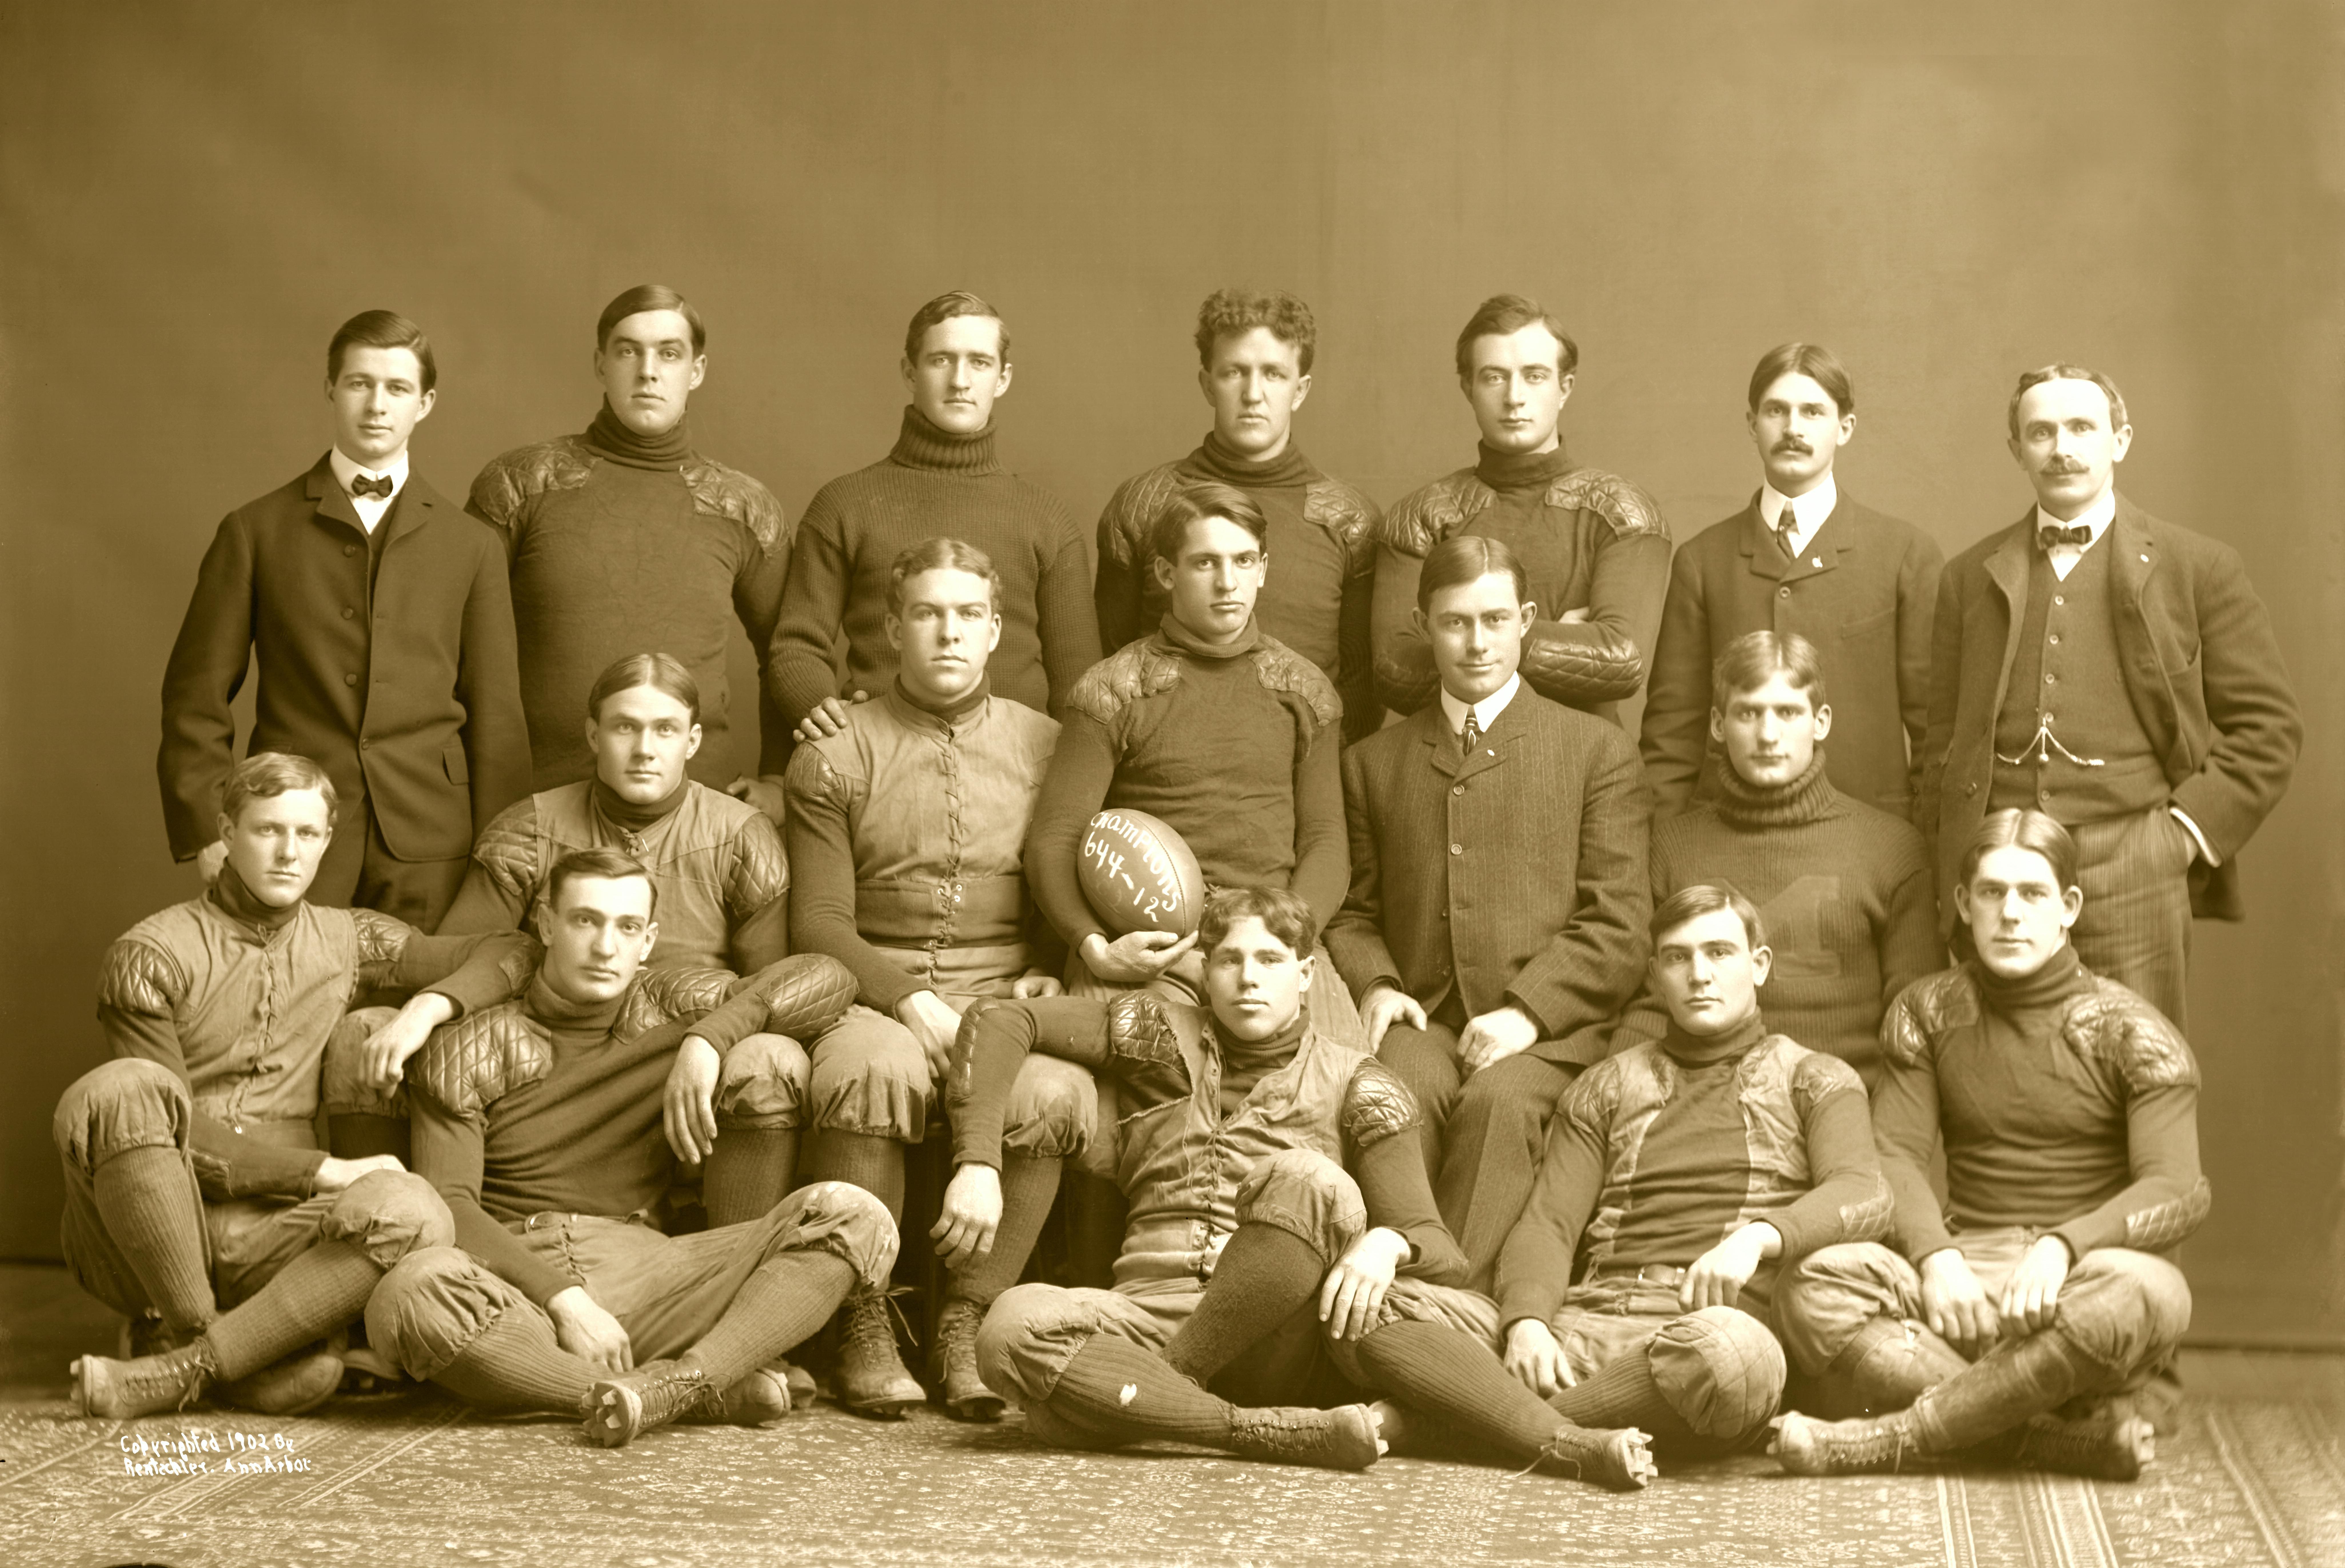 1902 college football season - Wikipedia